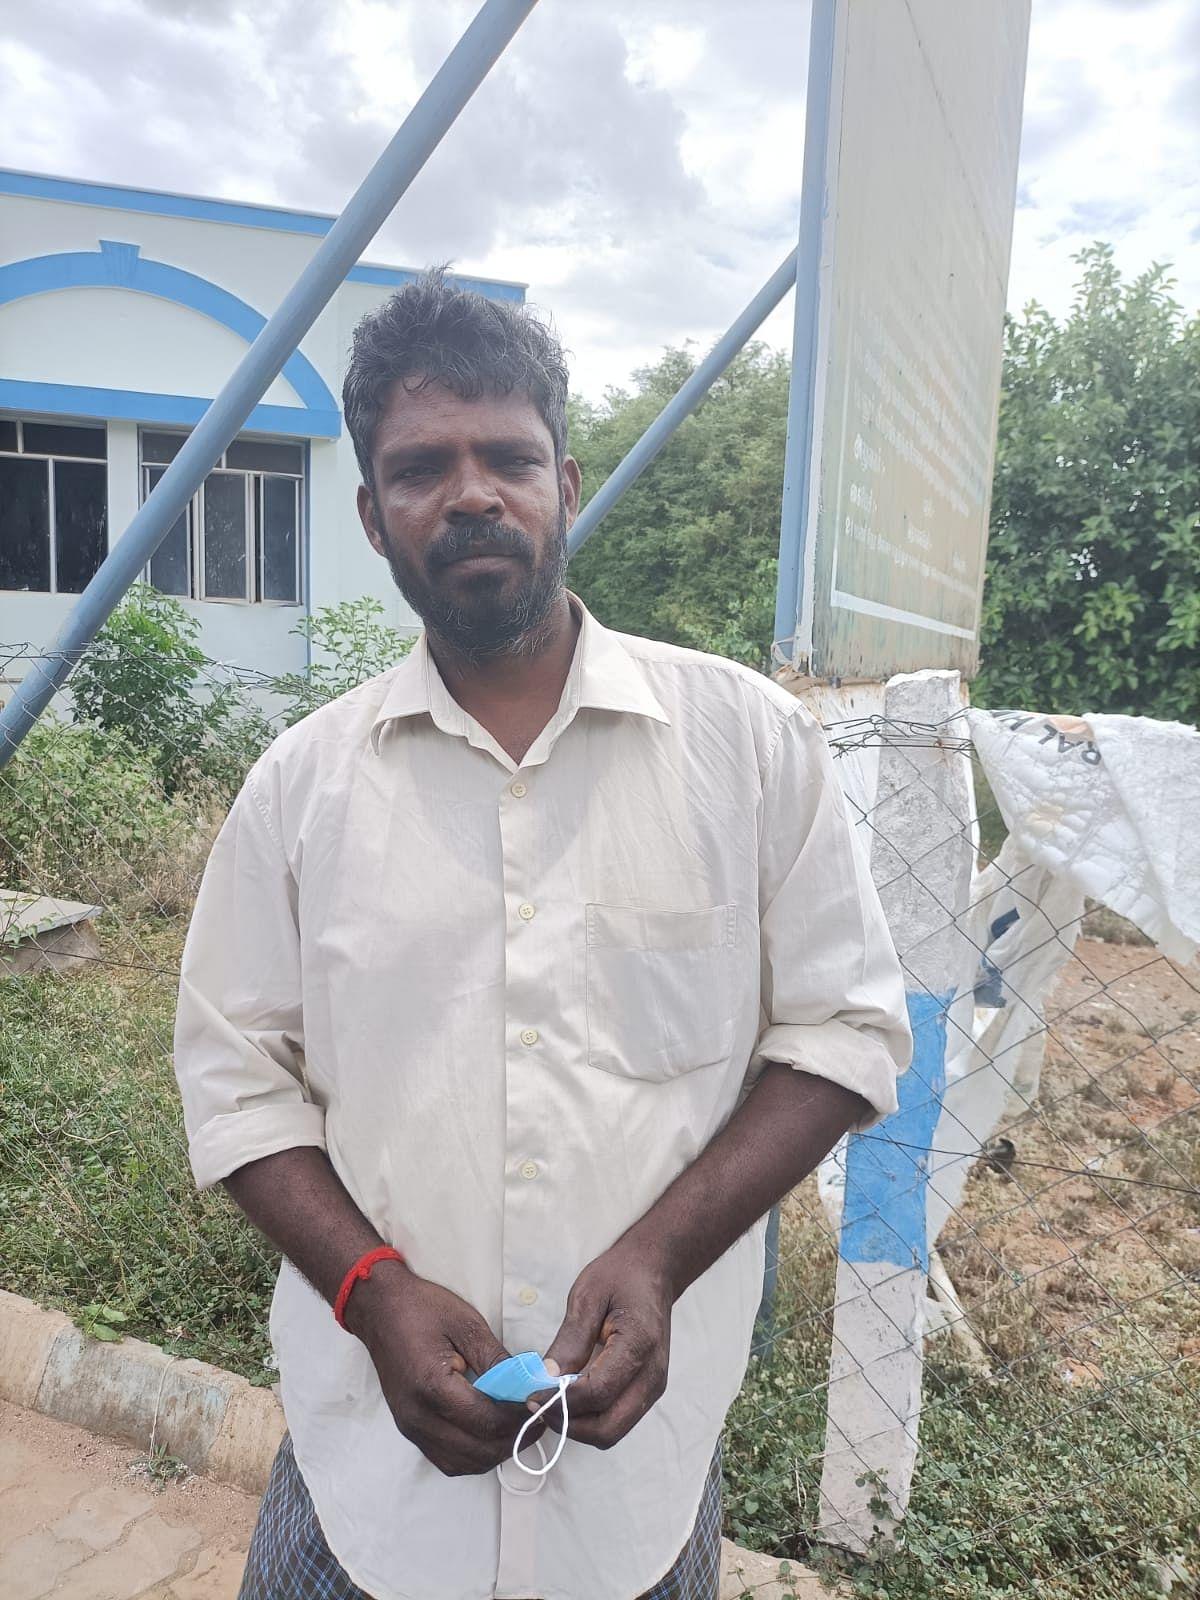 லோடு ஆட்டோ டிரைவர் ராஜசேகரன்